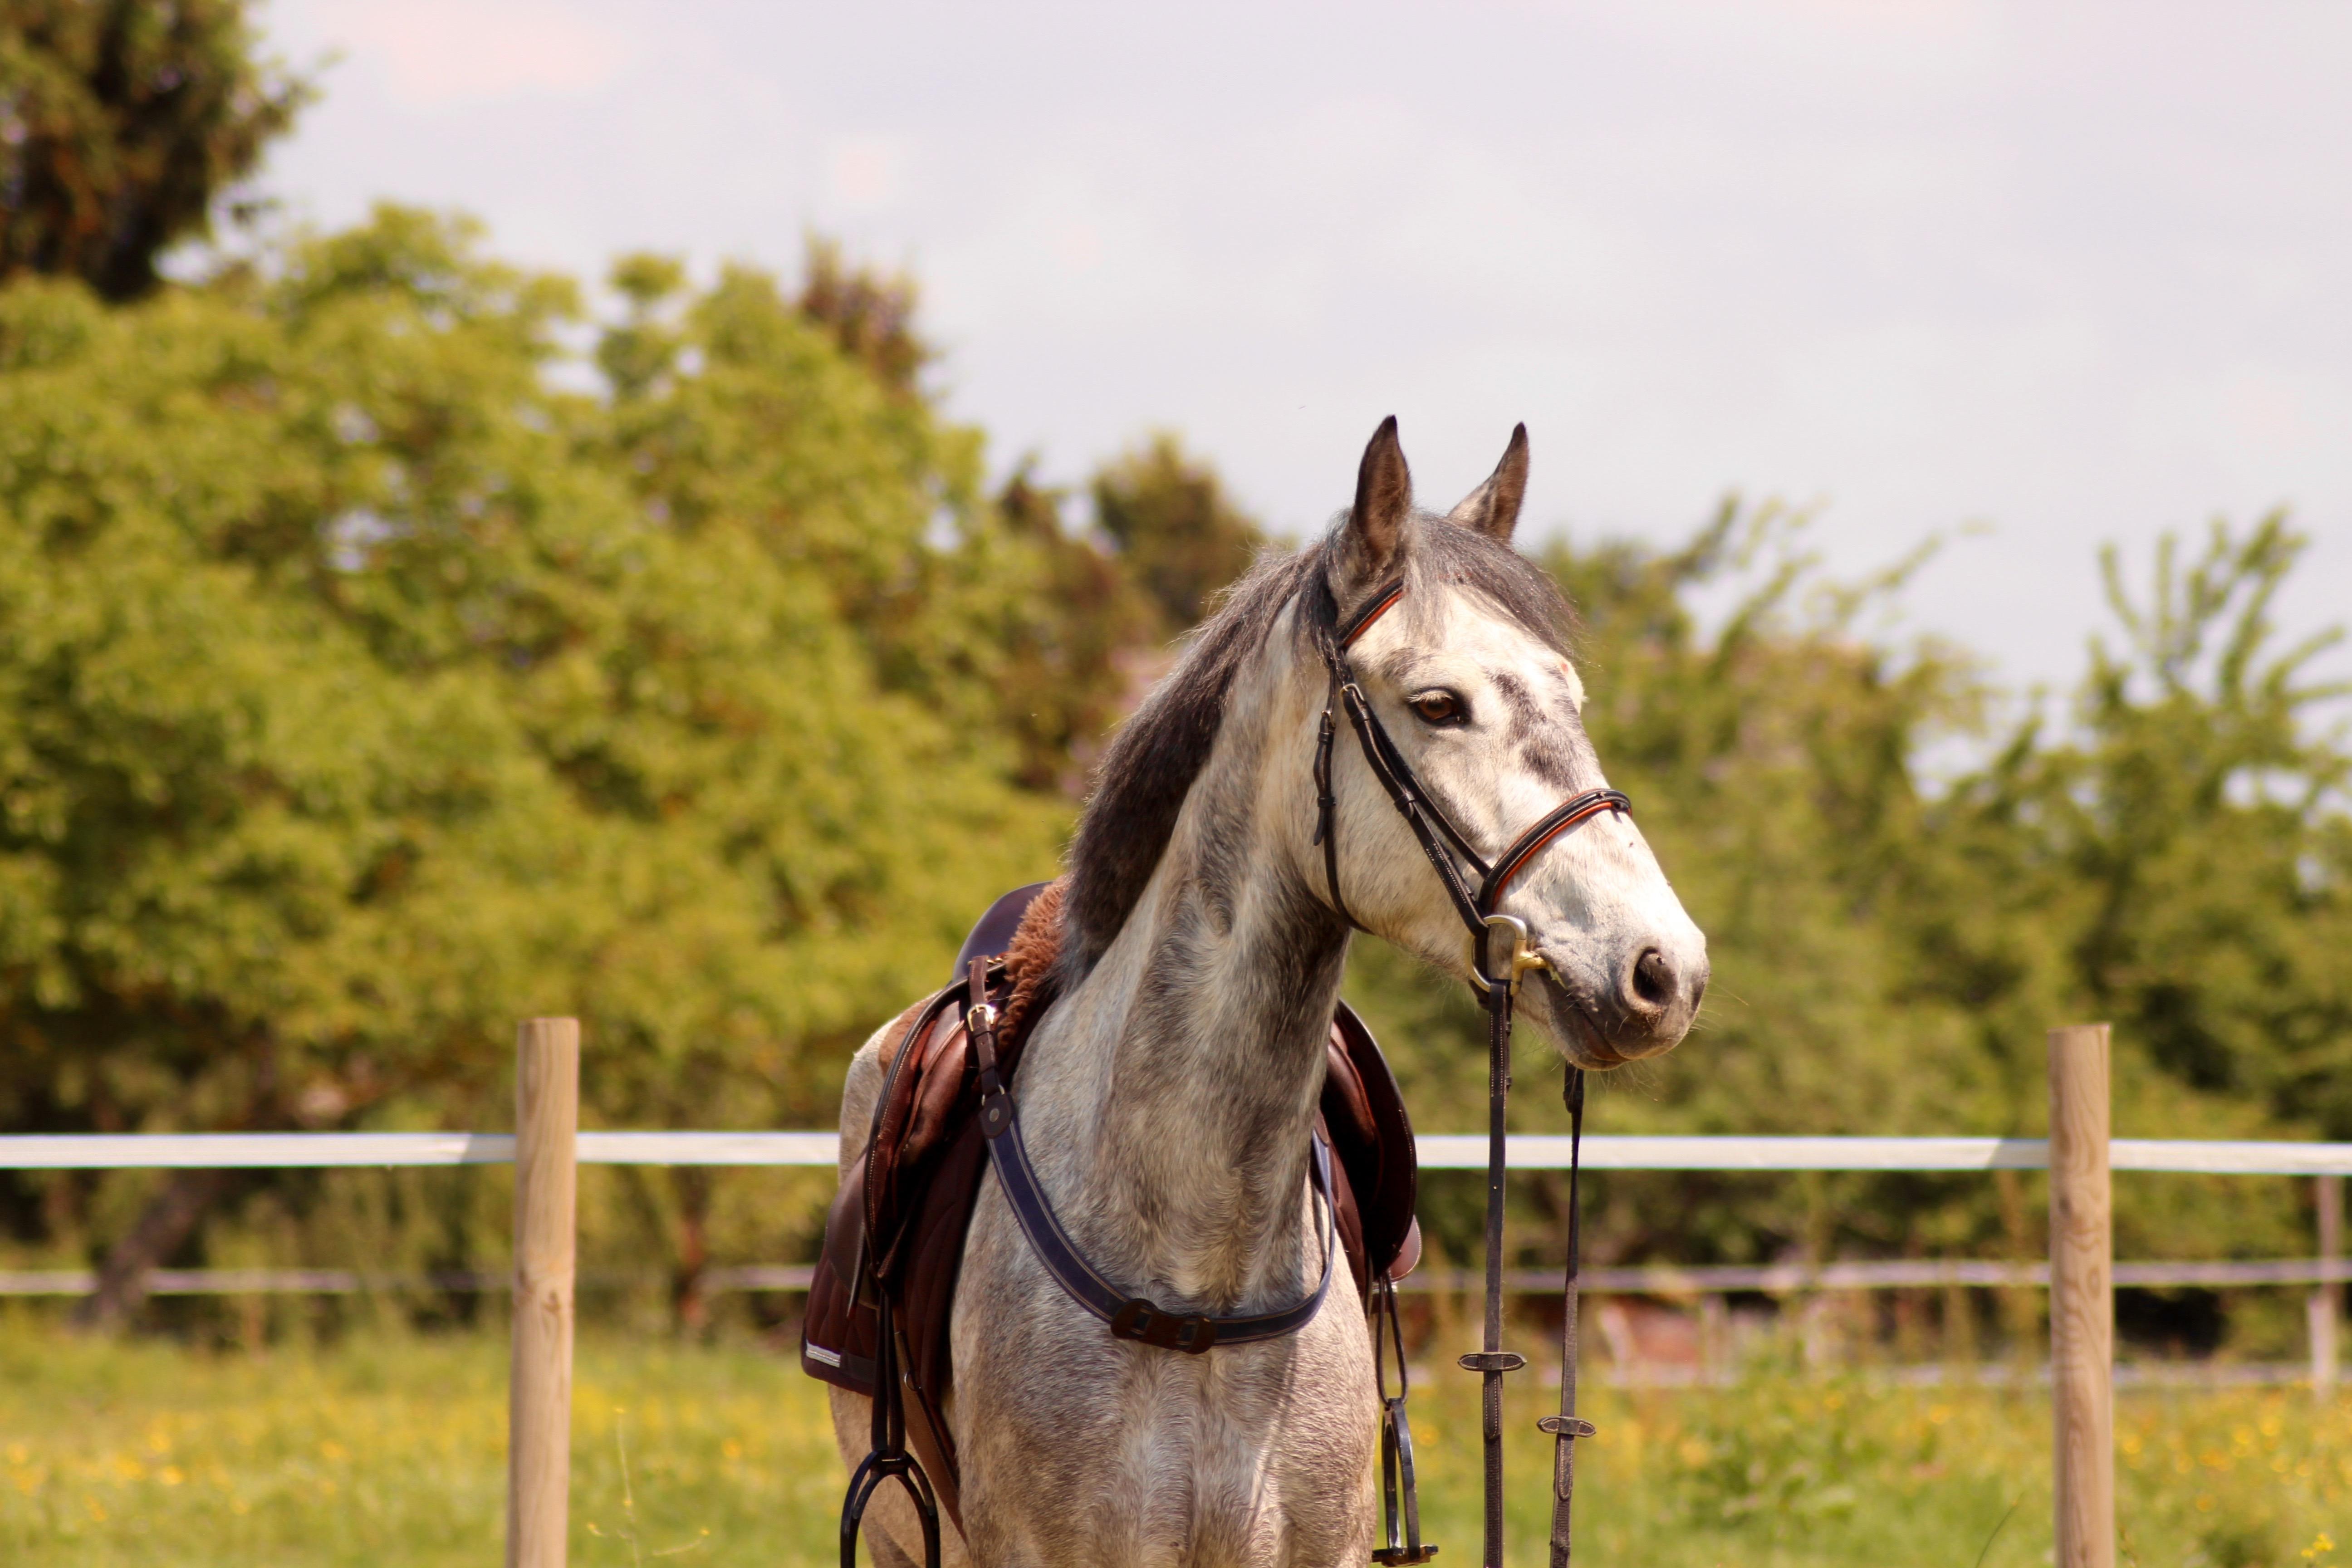 Les_Petites_Écuries_actualité_concours_poney_équitation_galluis_78_1